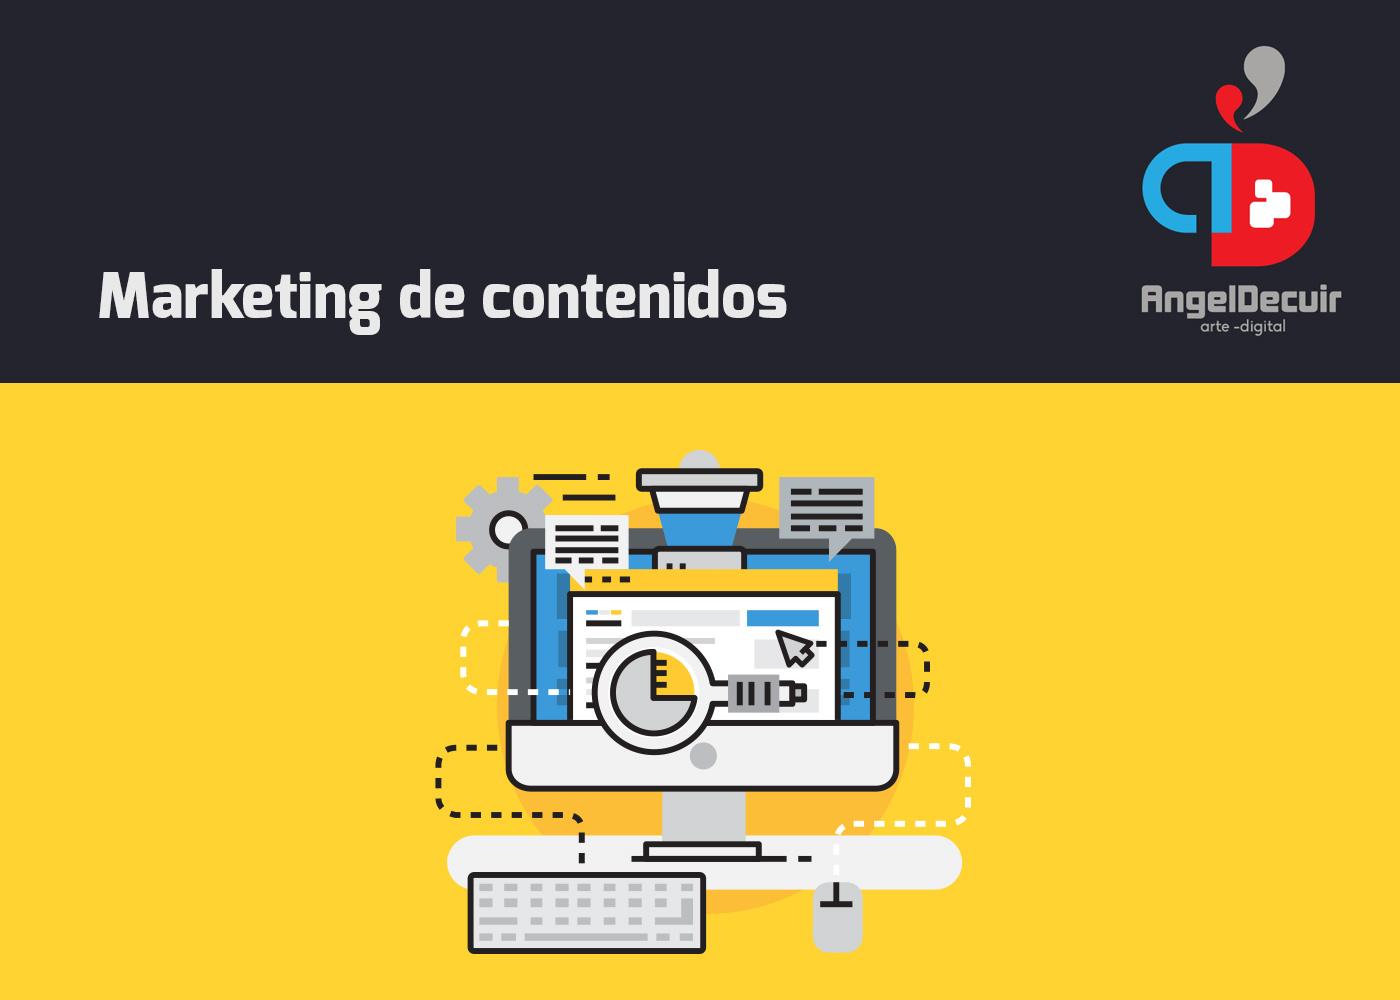 Contrata Marketing de contenidos - kichink - Angel Decuir